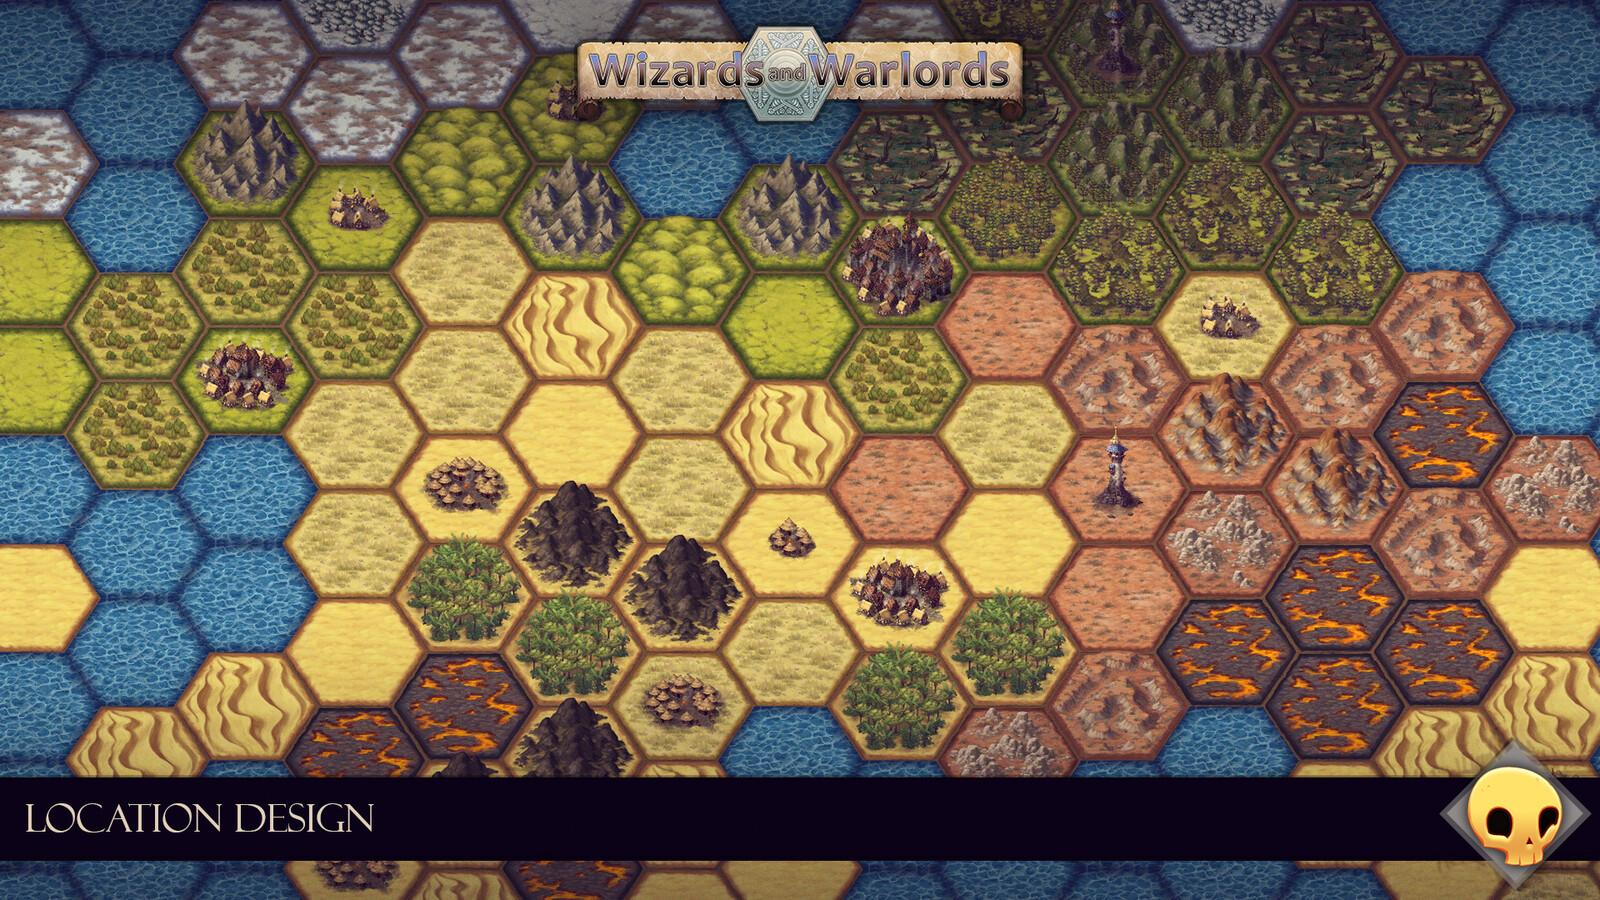 Test assembly of the tileset, using Unity's hexagonal tilemaps